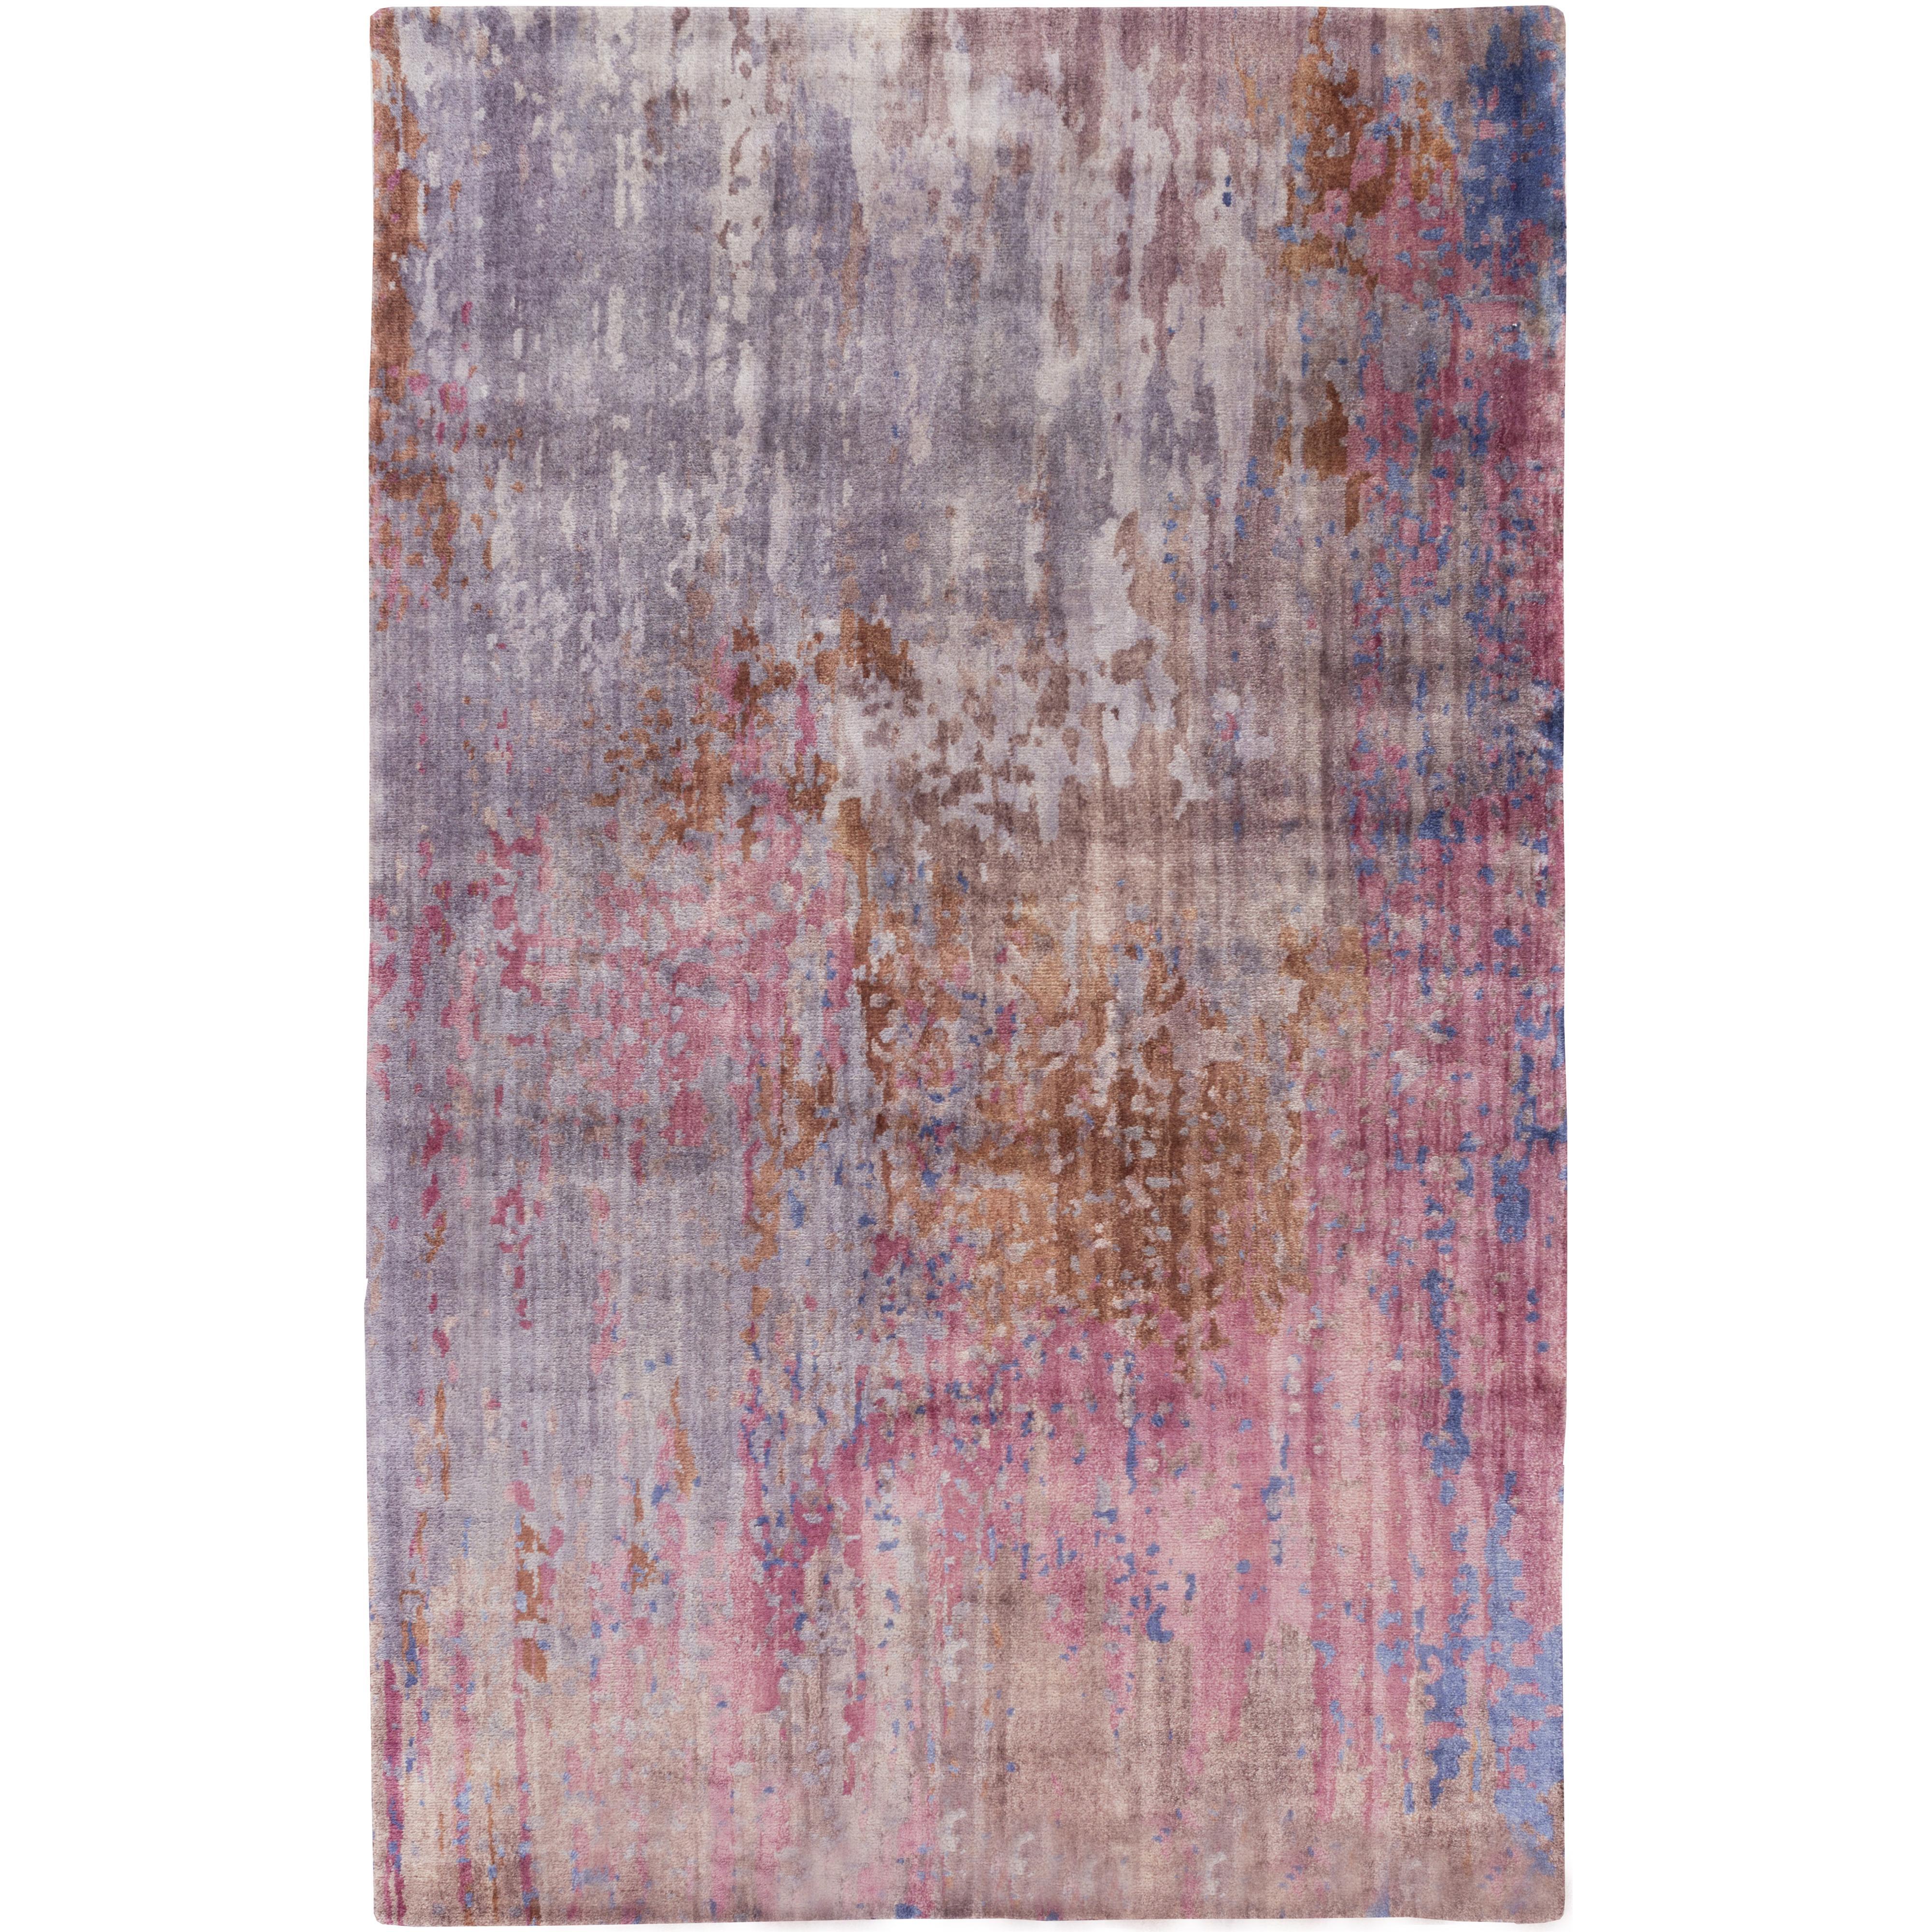 Surya Watercolor 5' x 8' - Item Number: WAT5003-58